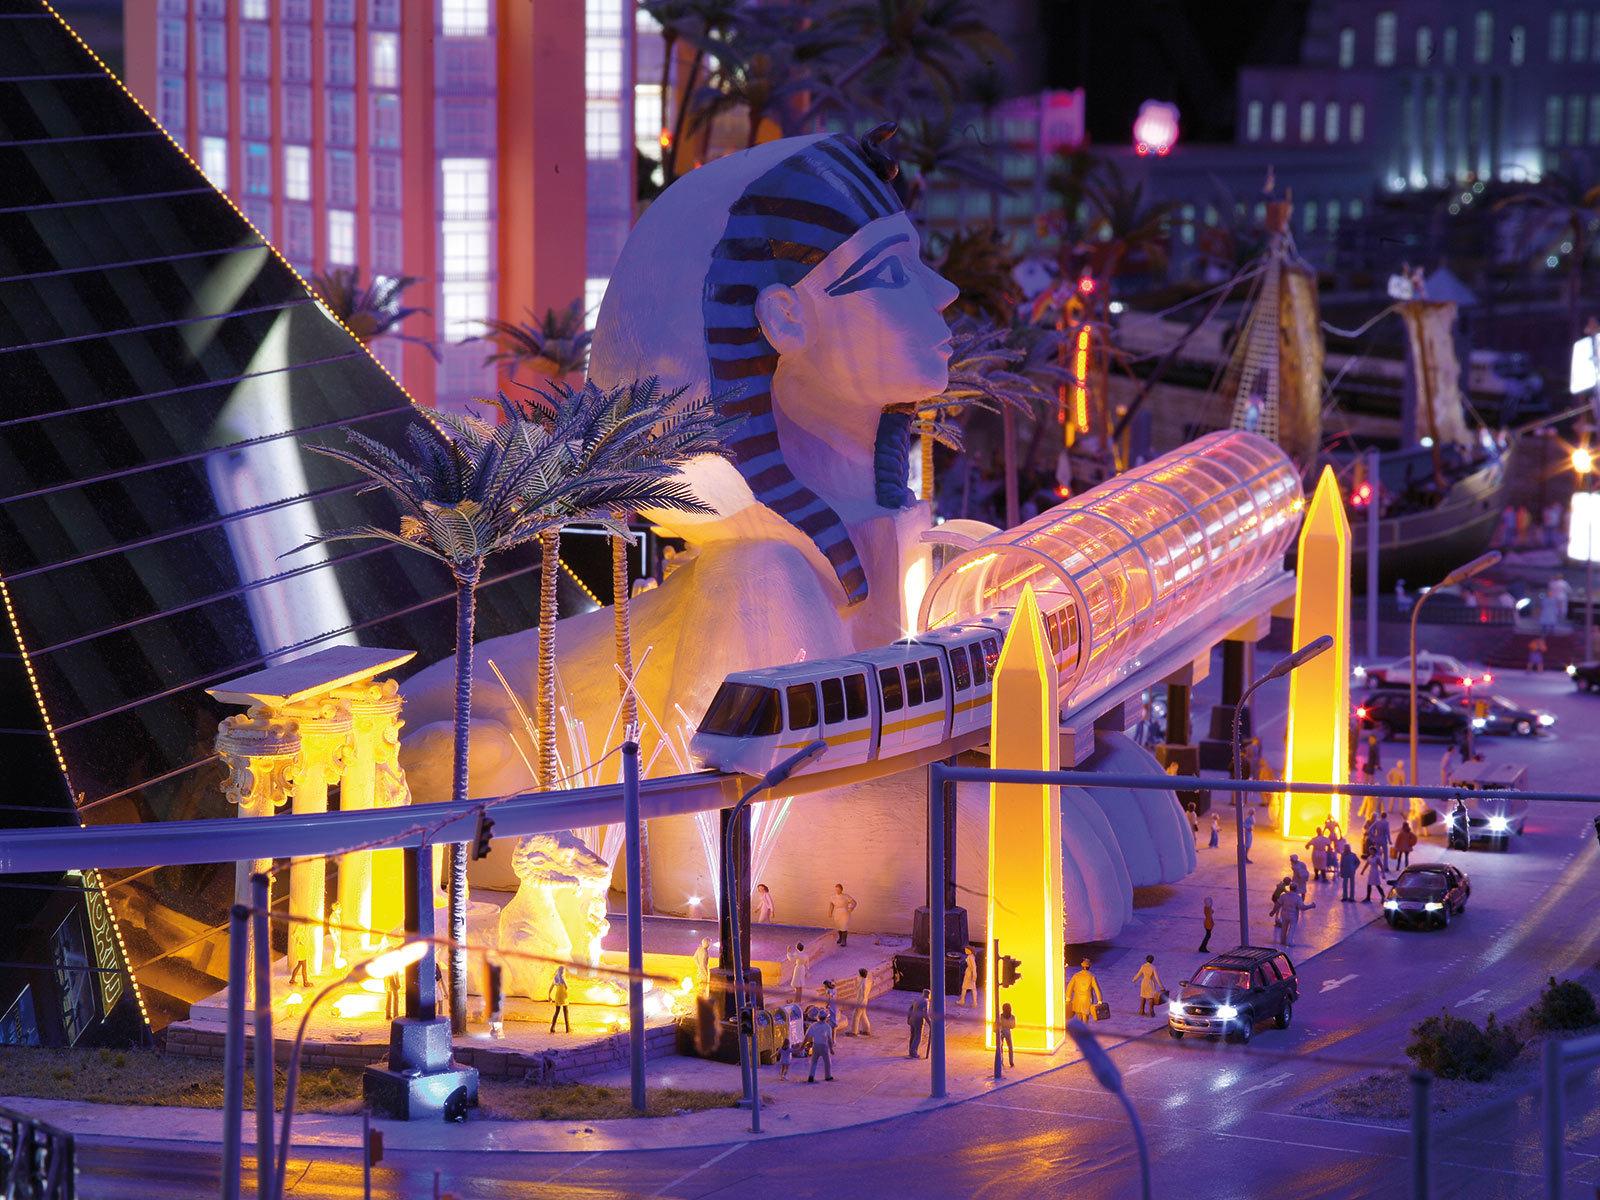 Modellbahn Modelleisenbahn Miniatur Miniatur Wunderland Hamburg